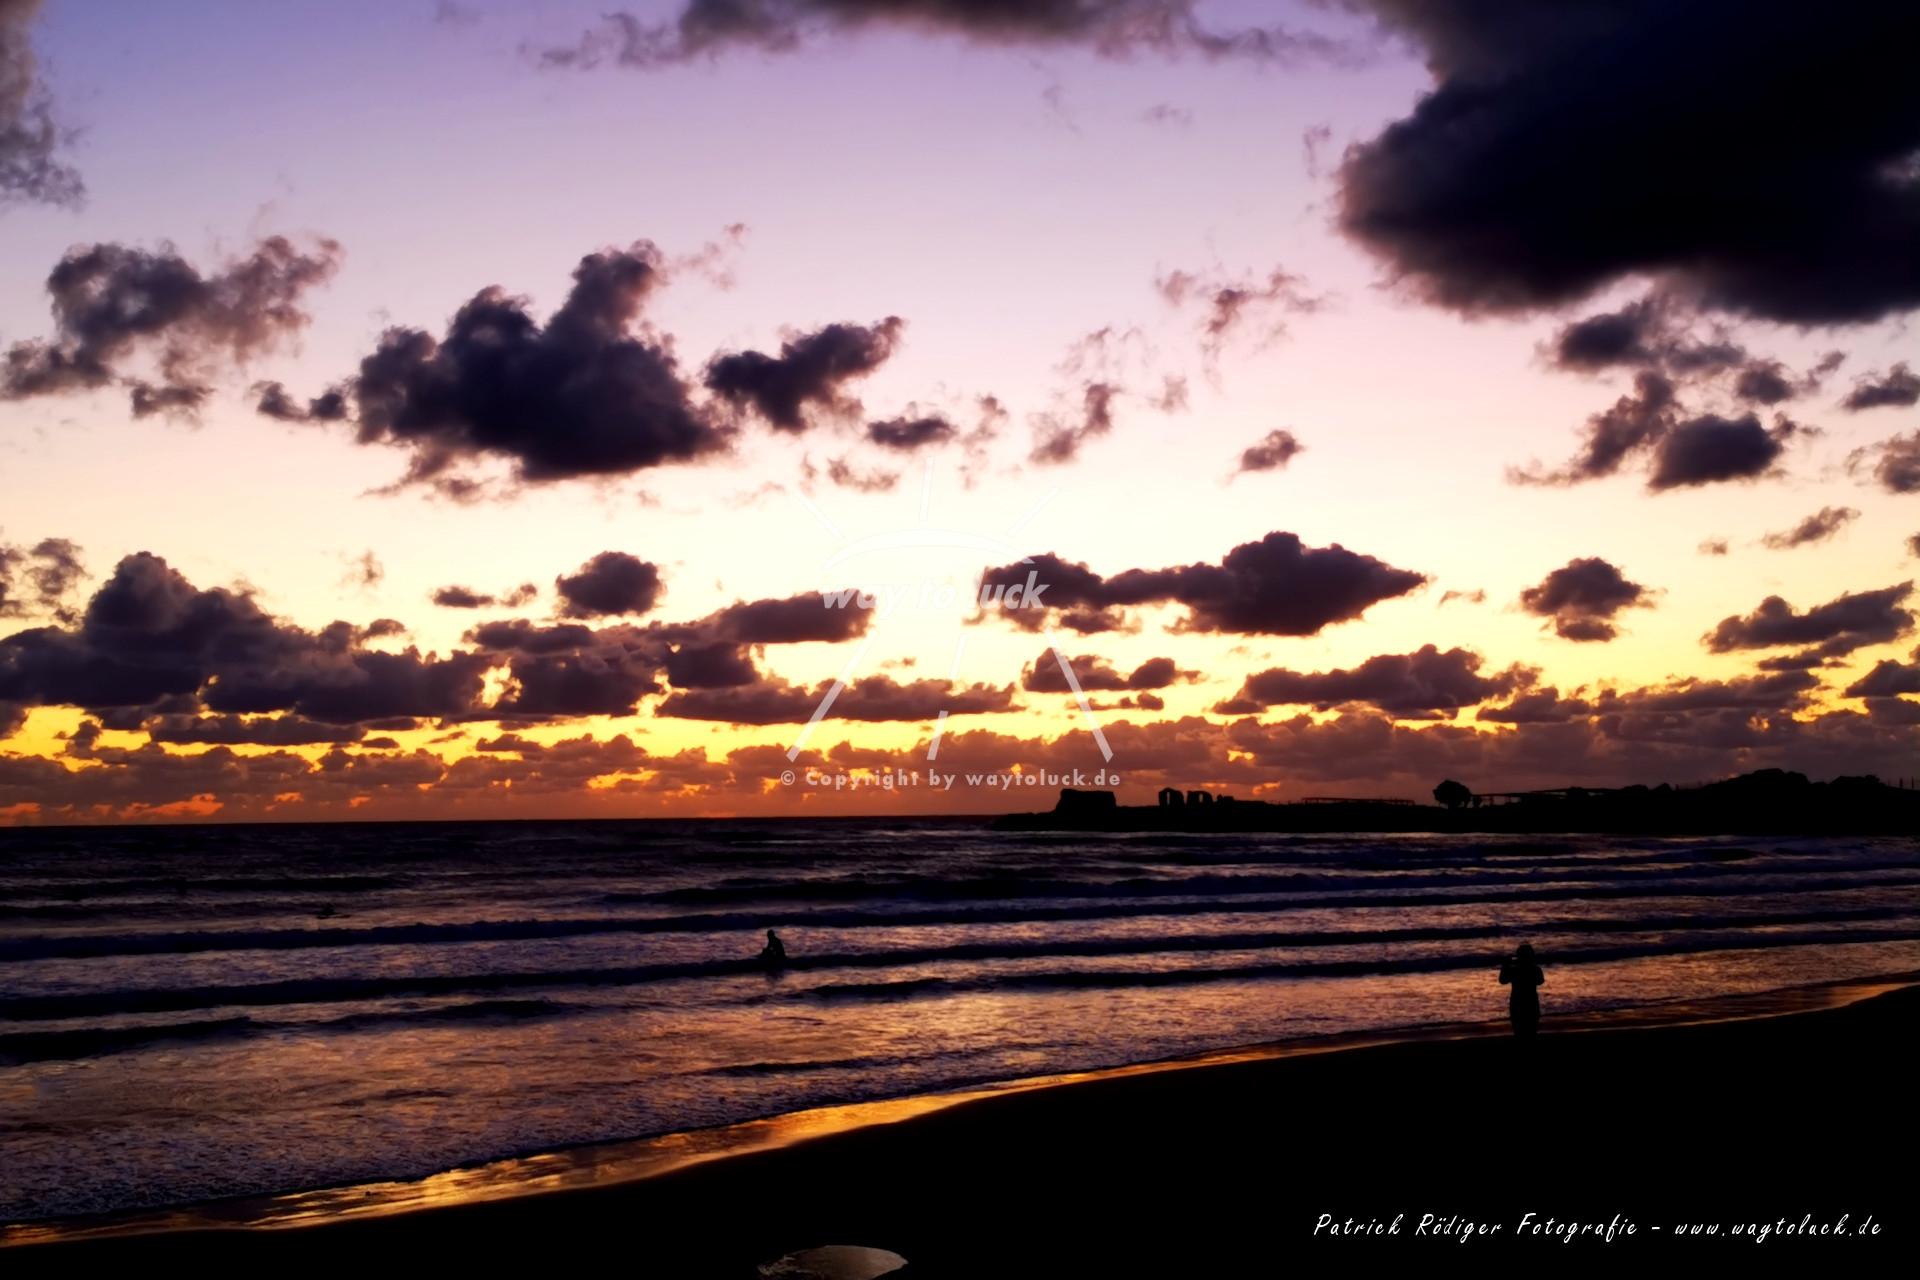 Abendstimmung nach Sonnenuntergang Strand Meer Wolken Sizilien